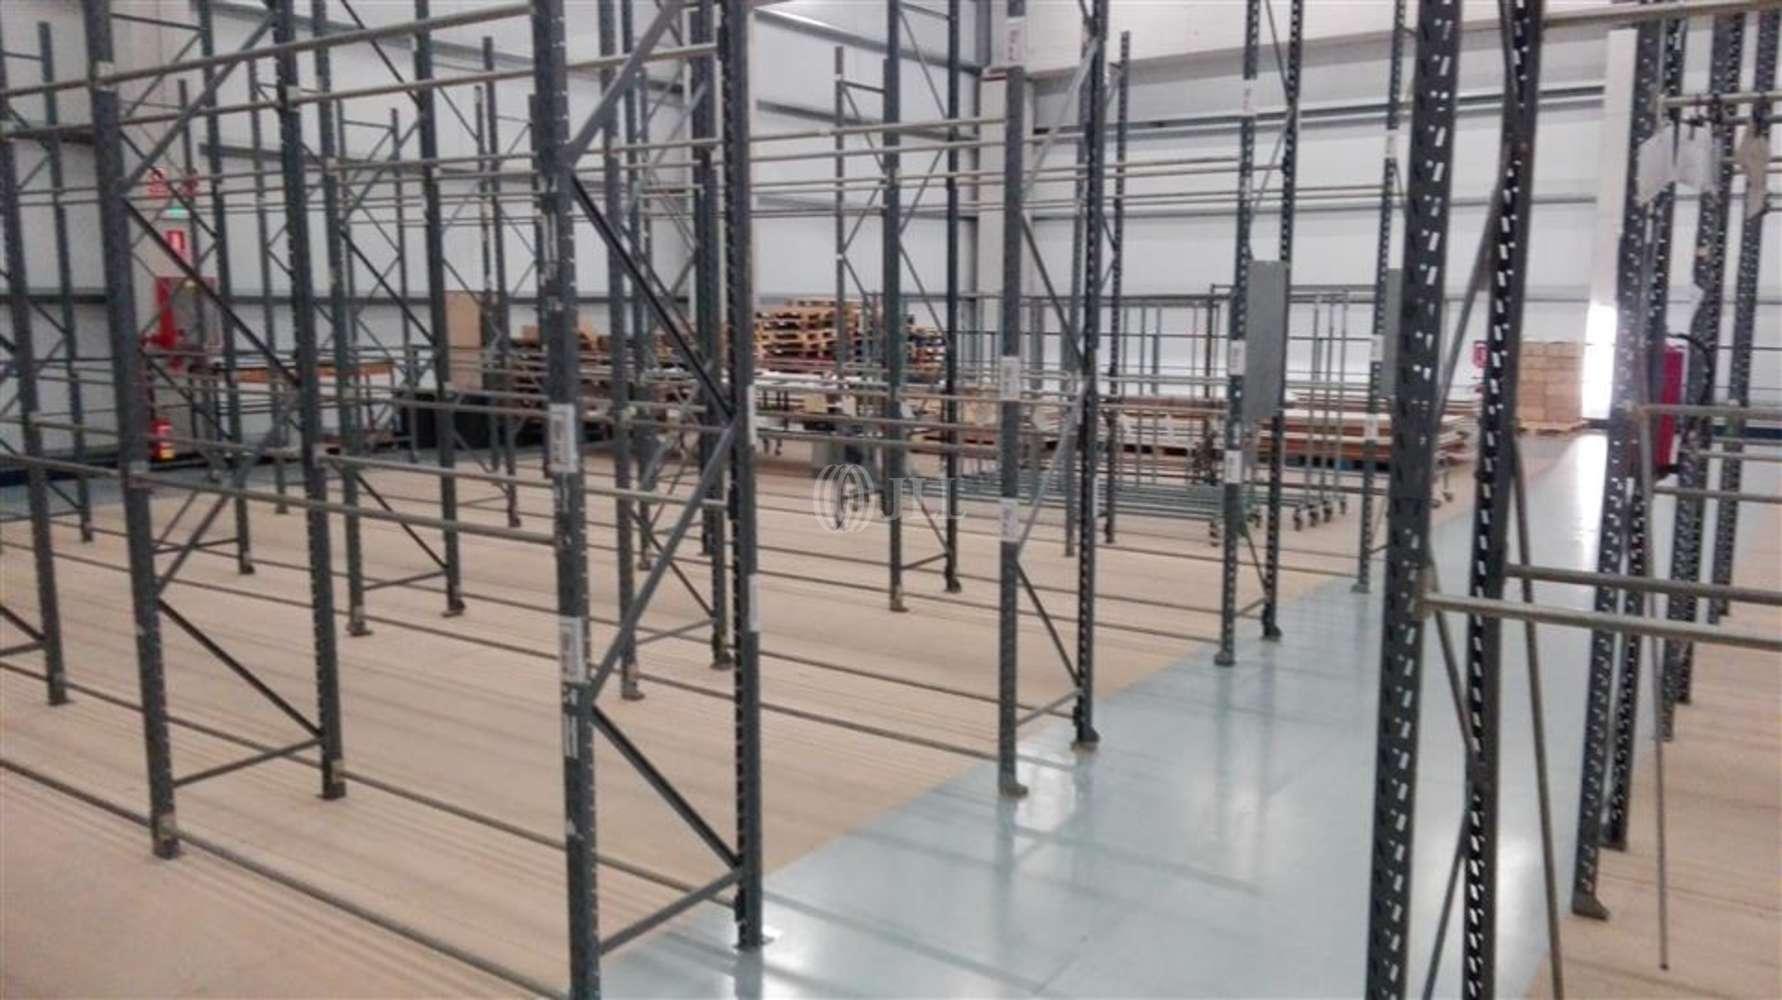 Naves industriales y logísticas A coruña, 15190 - Nave Industrial - B0410 - PARQUE INDUSTRIAL VIO - 8249